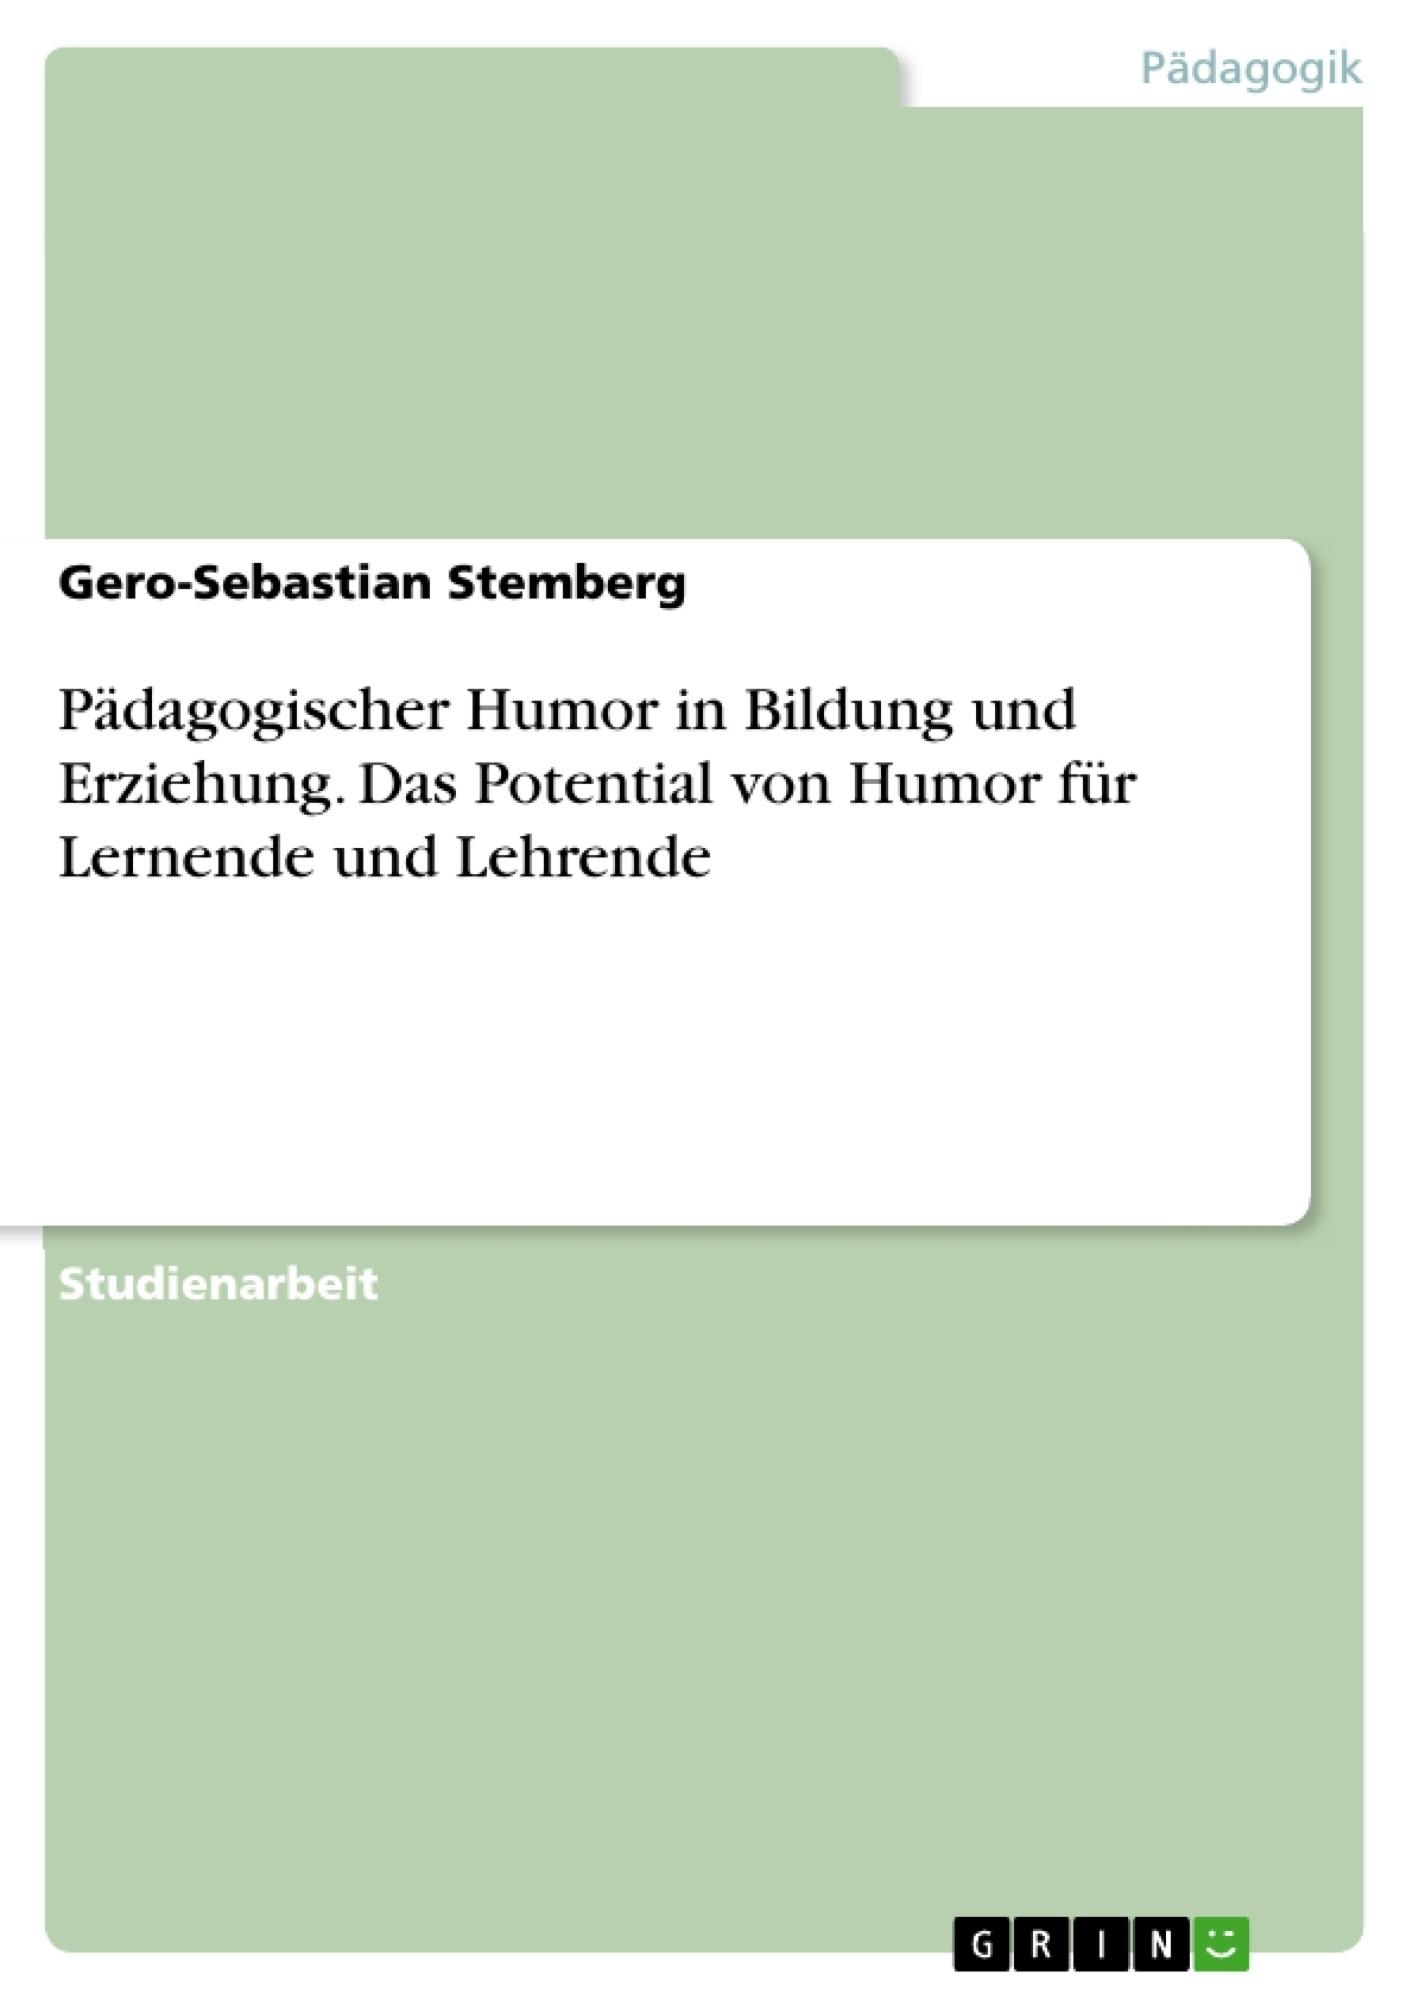 Titel: Pädagogischer Humor in Bildung und Erziehung. Das Potential von Humor für Lernende und Lehrende